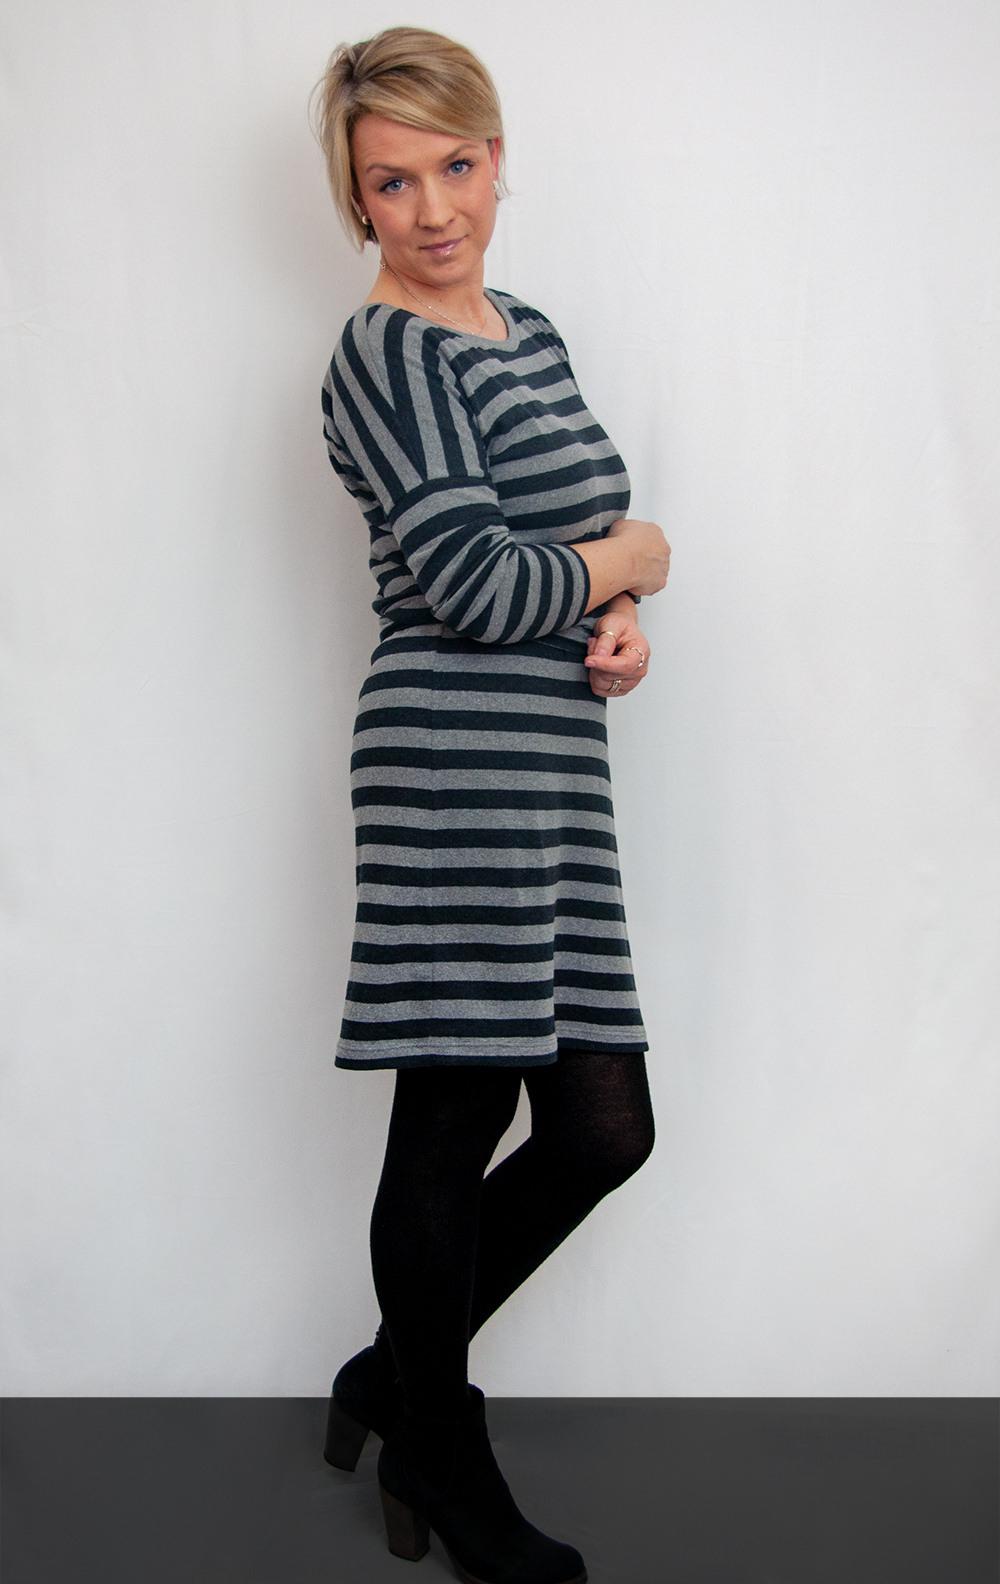 Kleid Frau Elly Aus Streifenstrick  Serendipity